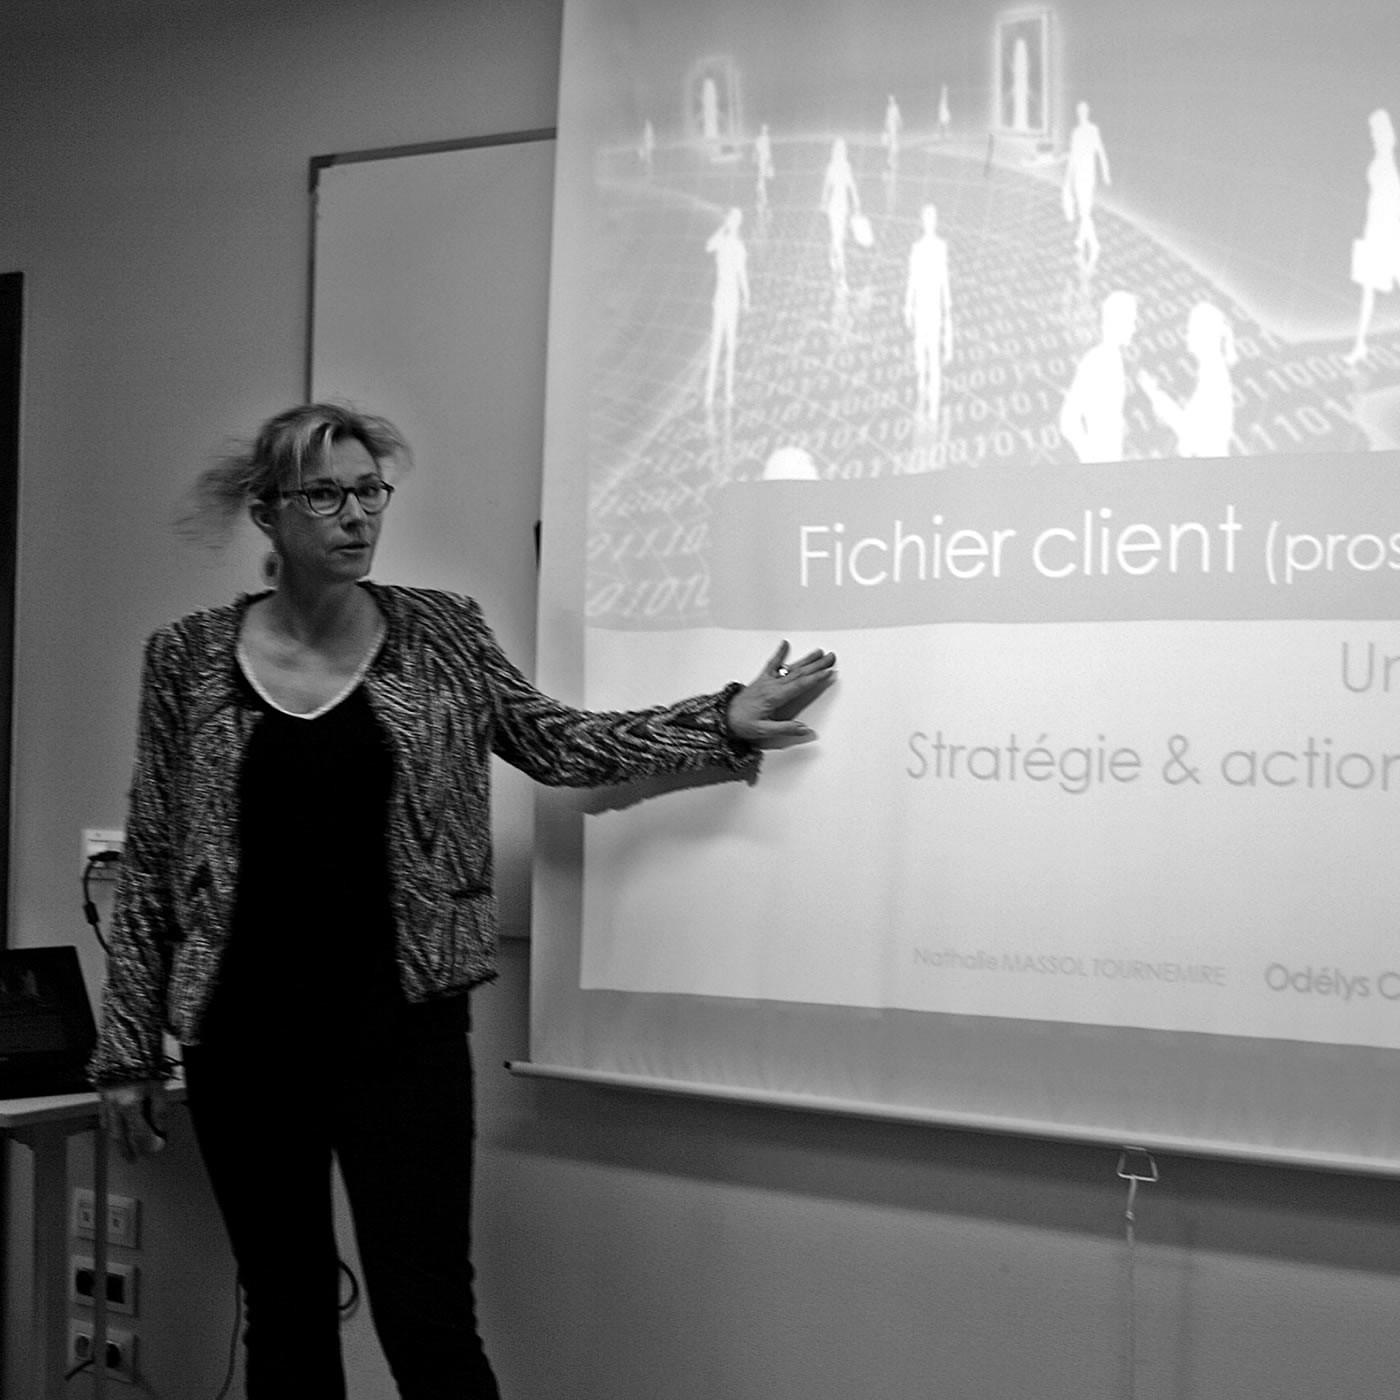 #42 - Nathalie est dirigeante d'une société spécialisée en conseil dans le développement commercial